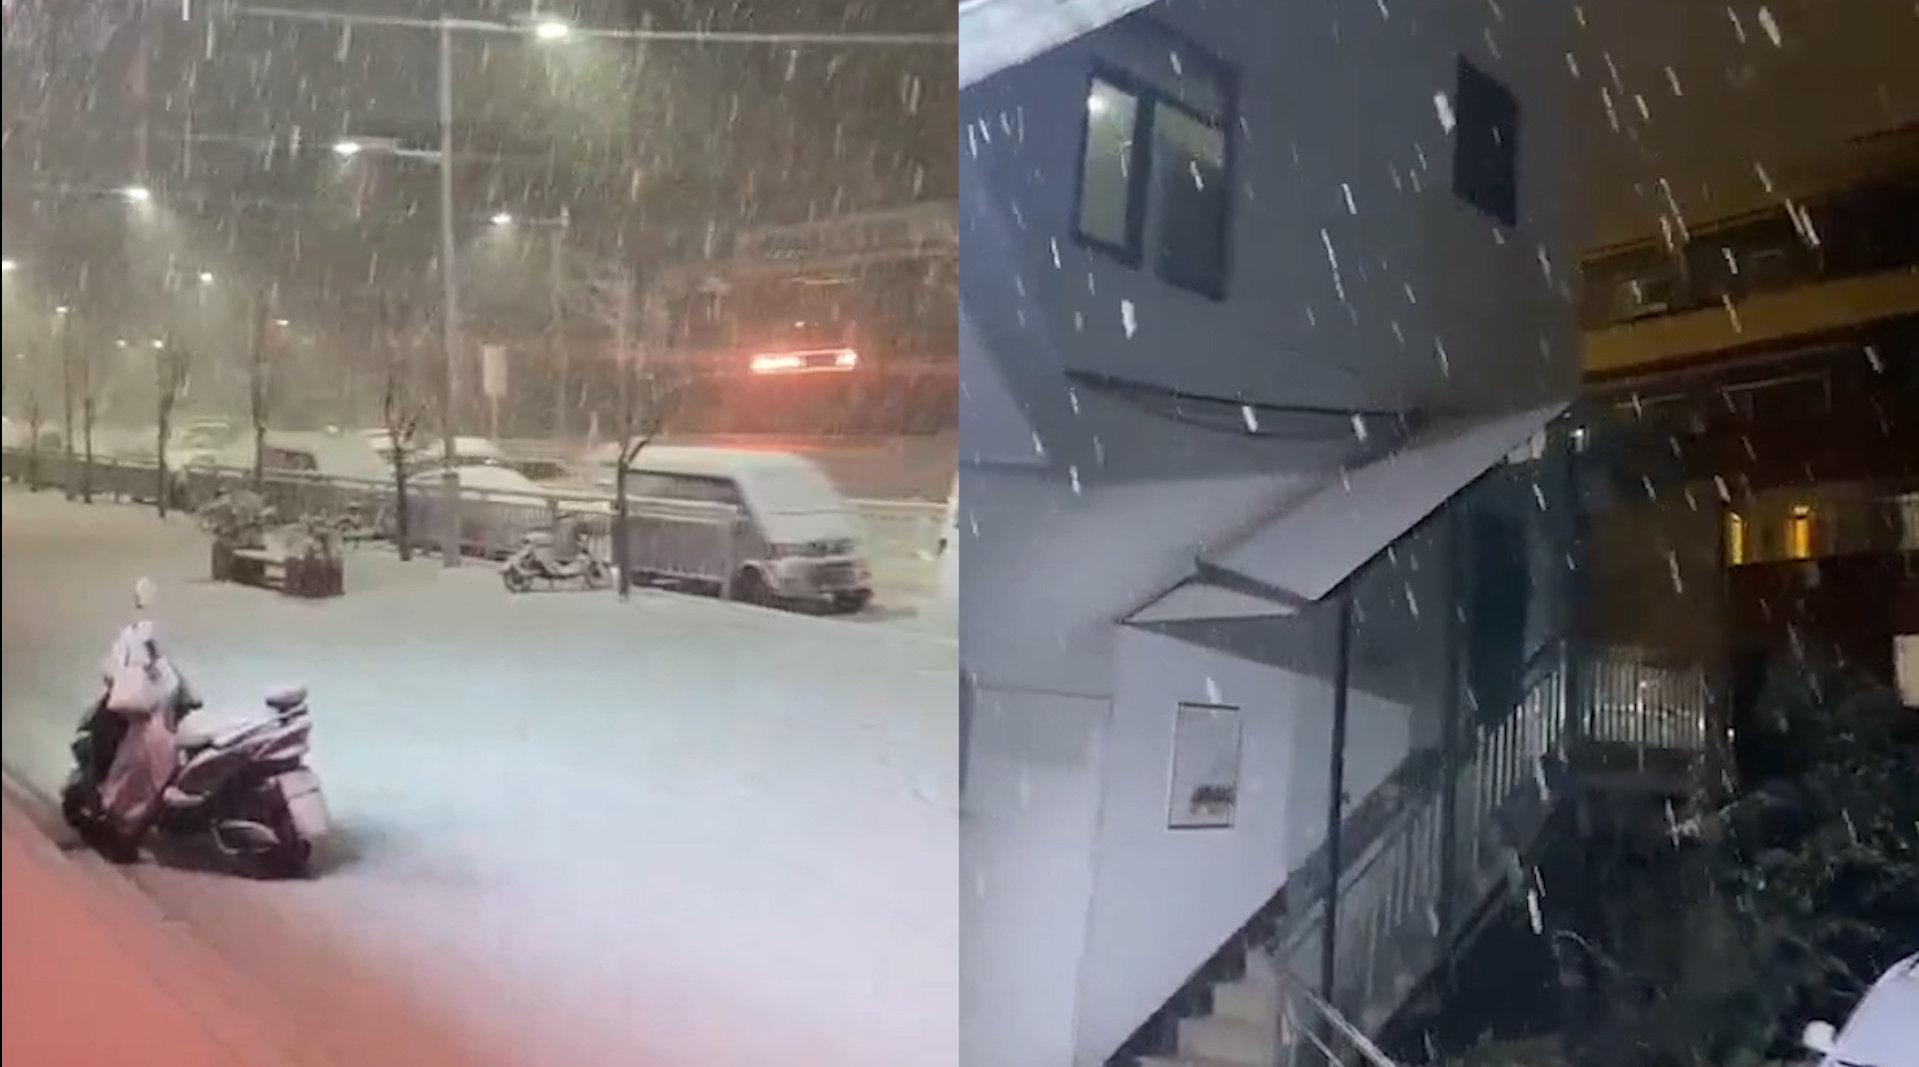 郑州下起鹅毛大雪